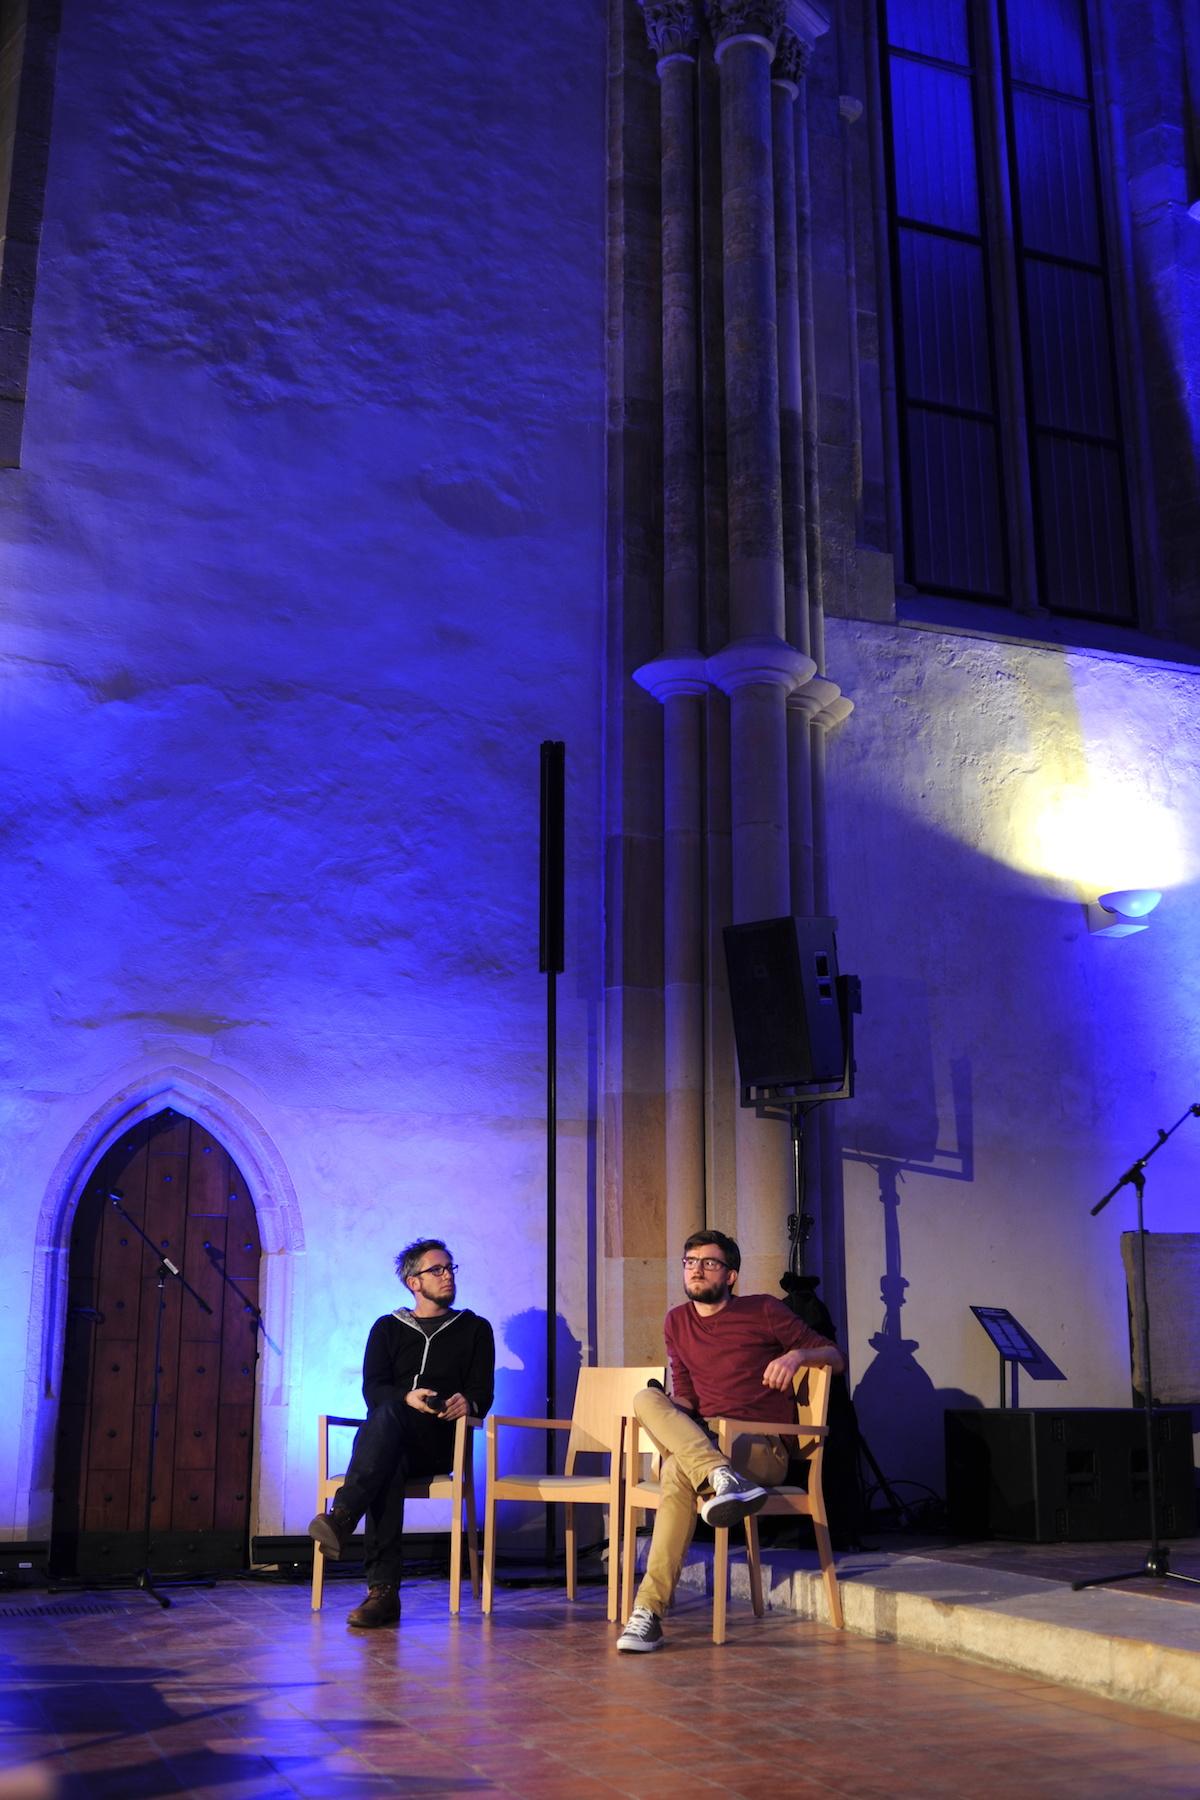 Zleva Jan Gregor a Janek Rubeš na konferenci Vertifilms 2016. Foto: Jana Lábrová